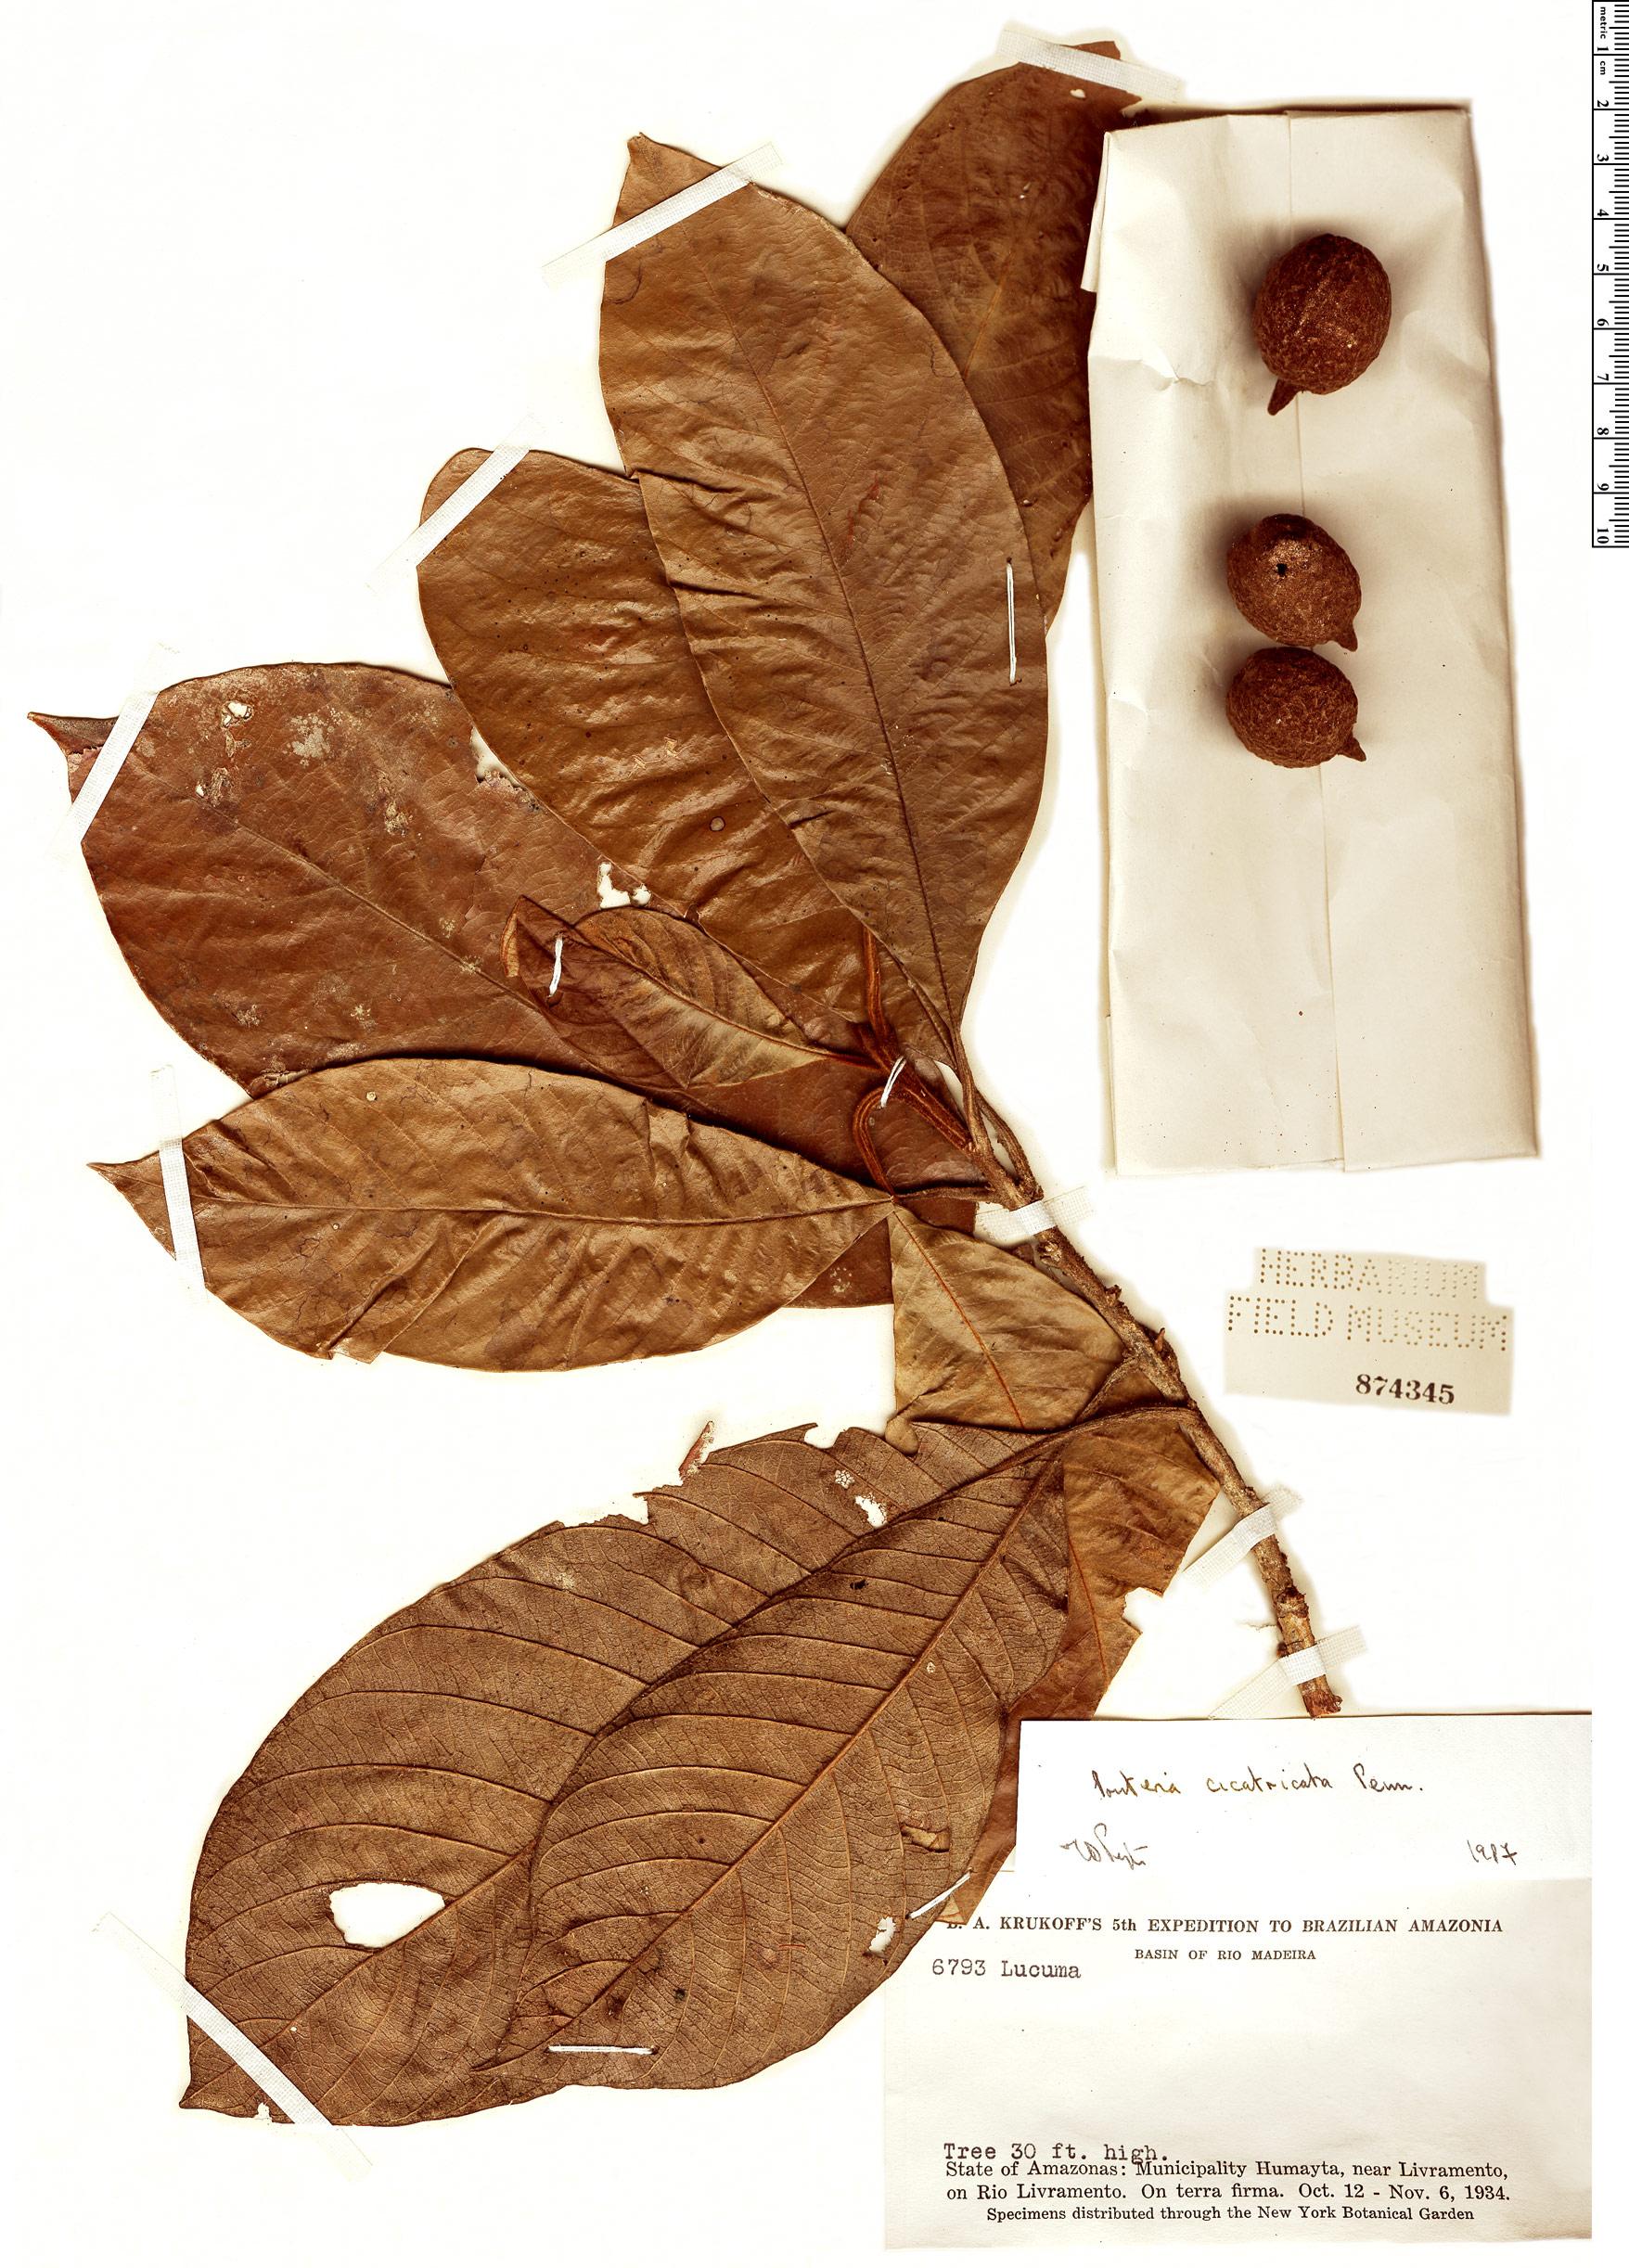 Specimen: Pouteria cicatricata